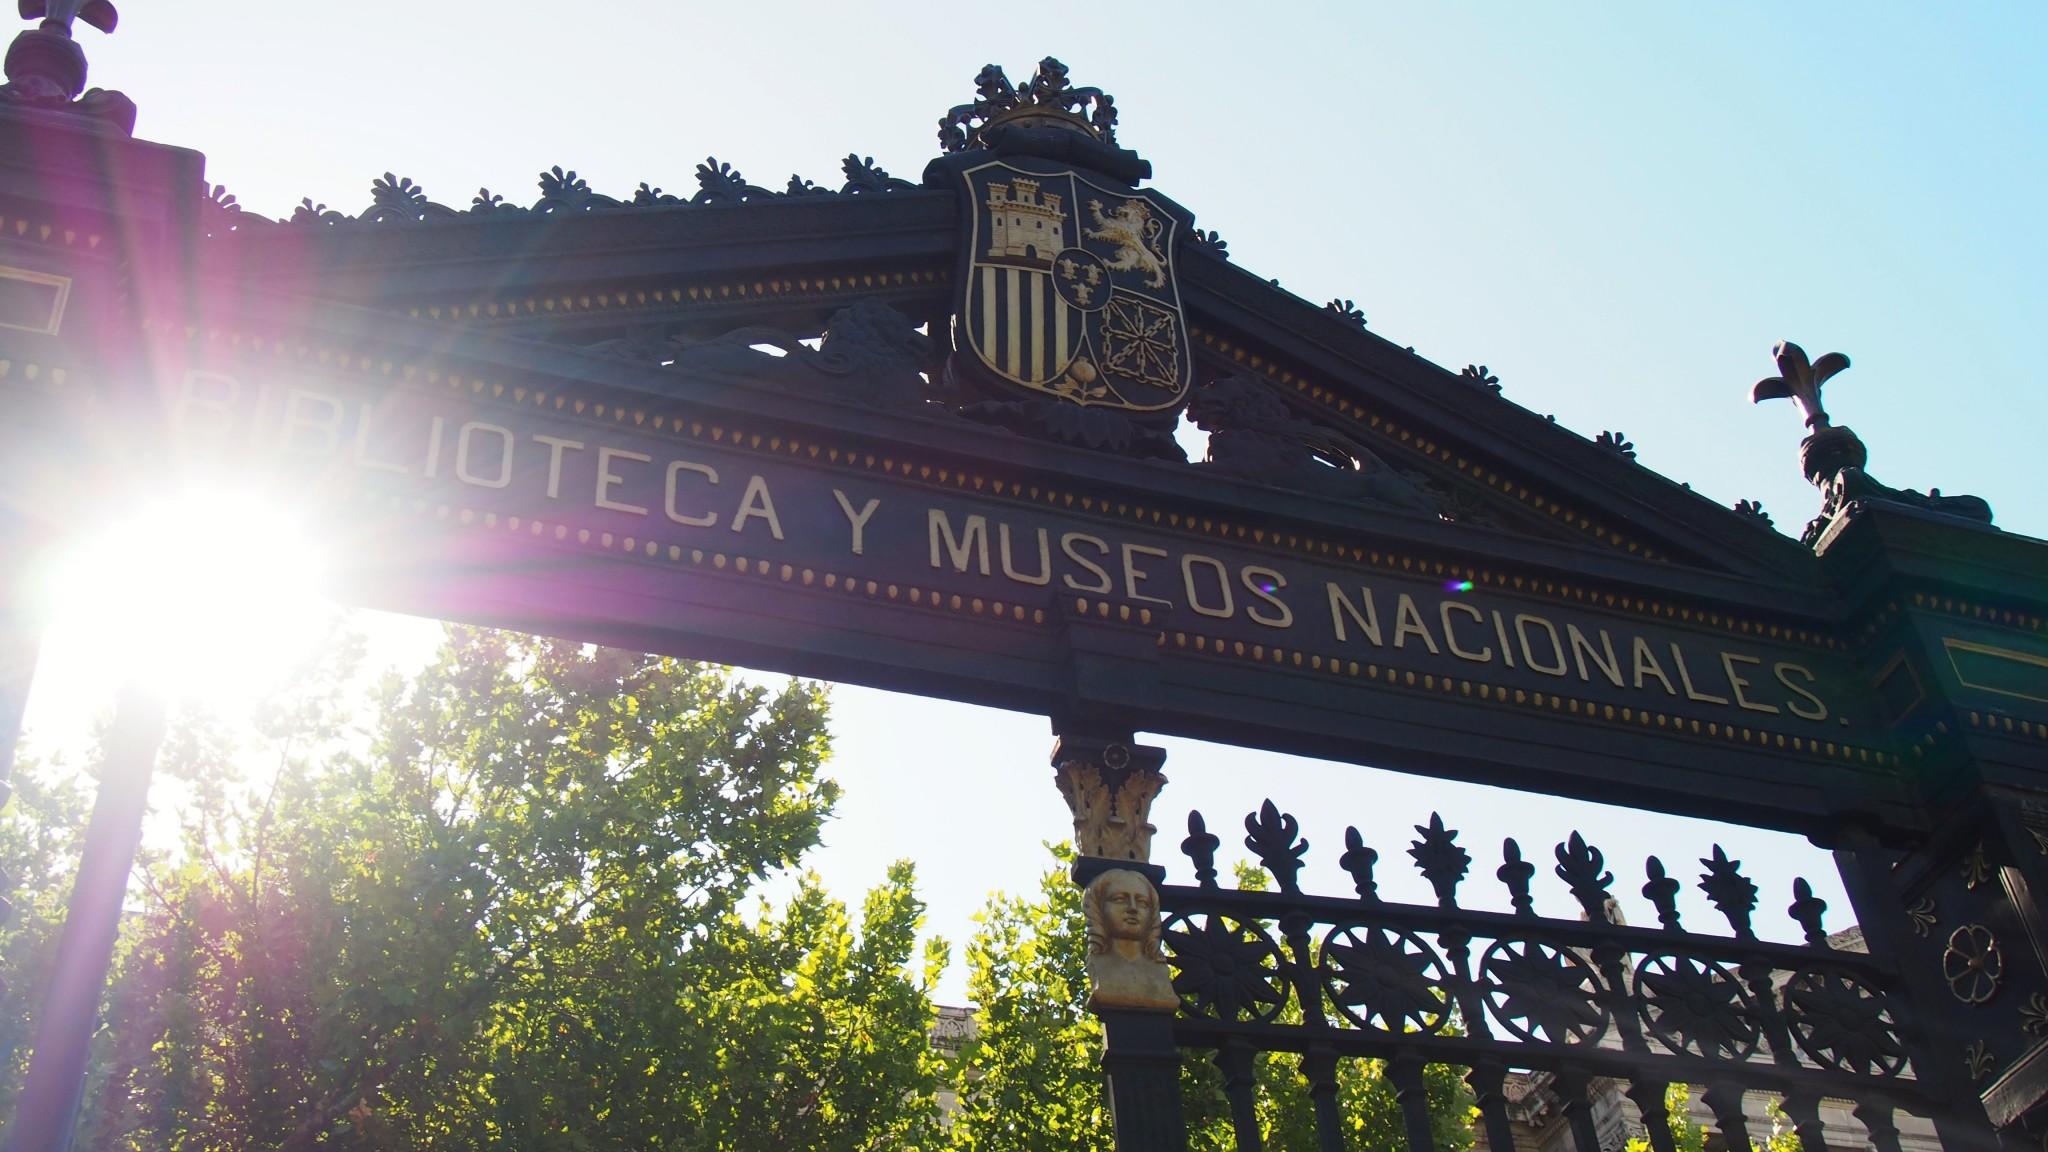 Biblioteca y museos nacionales